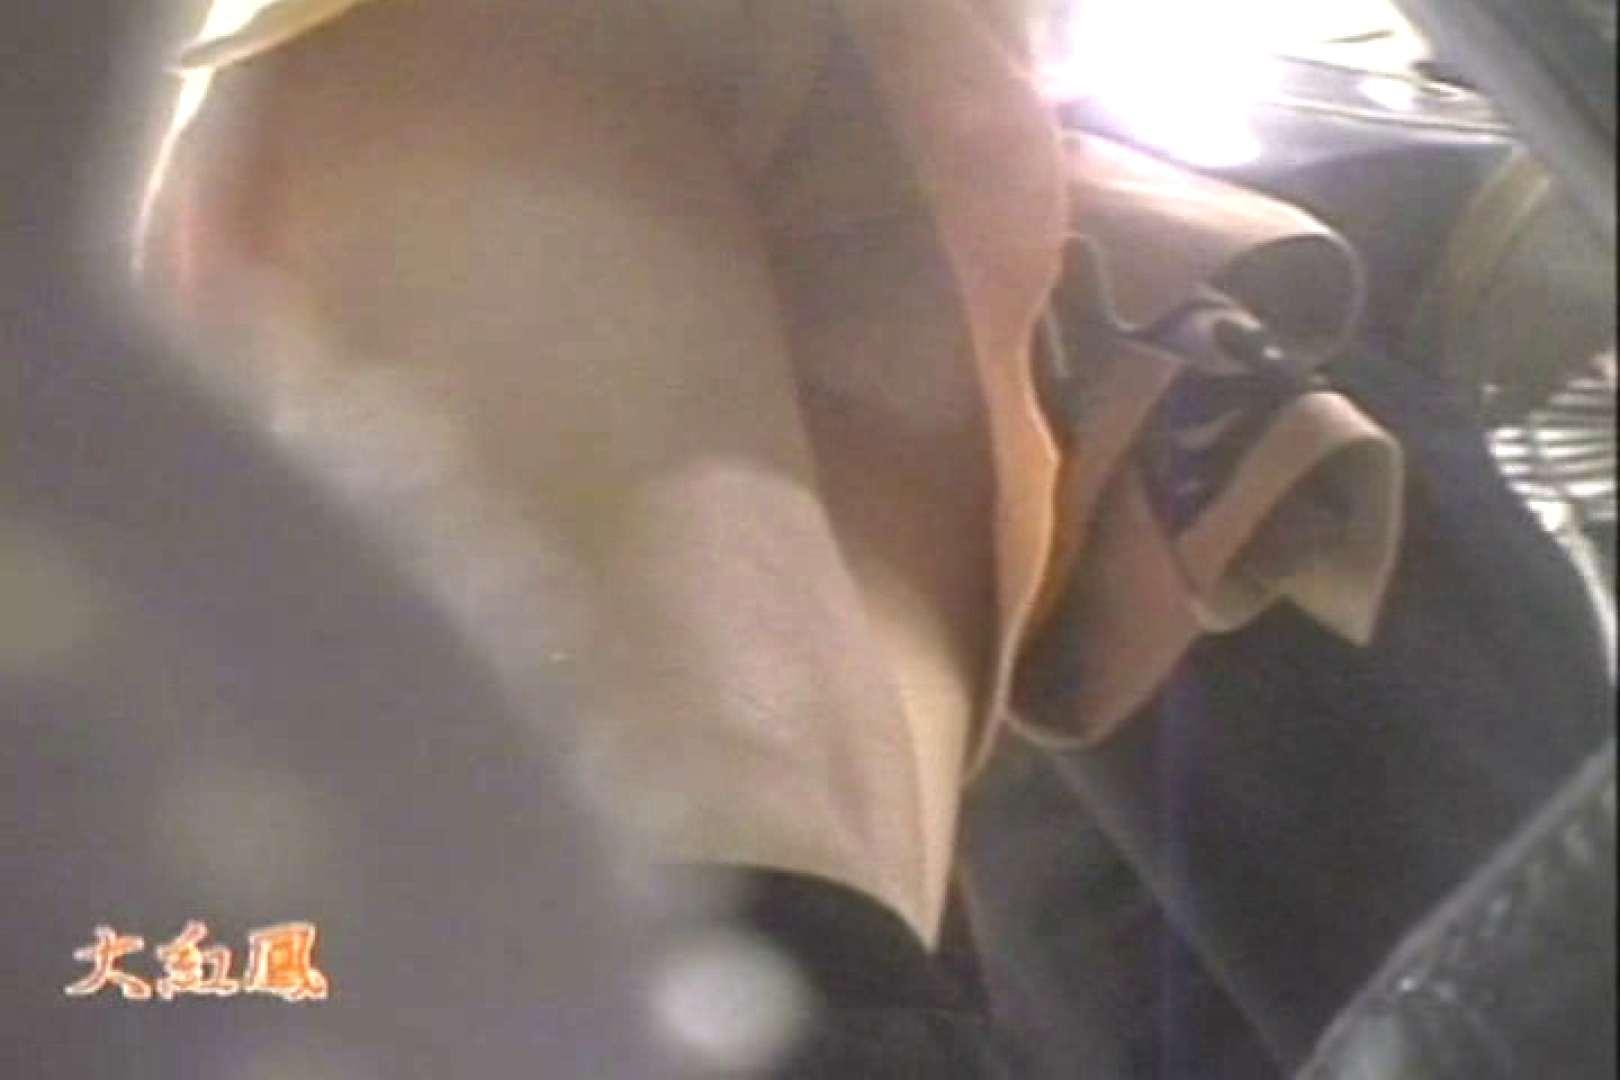 究極カリスマショップ逆さ撮り 完全保存版02 盗撮 | 覗き  108pic 72